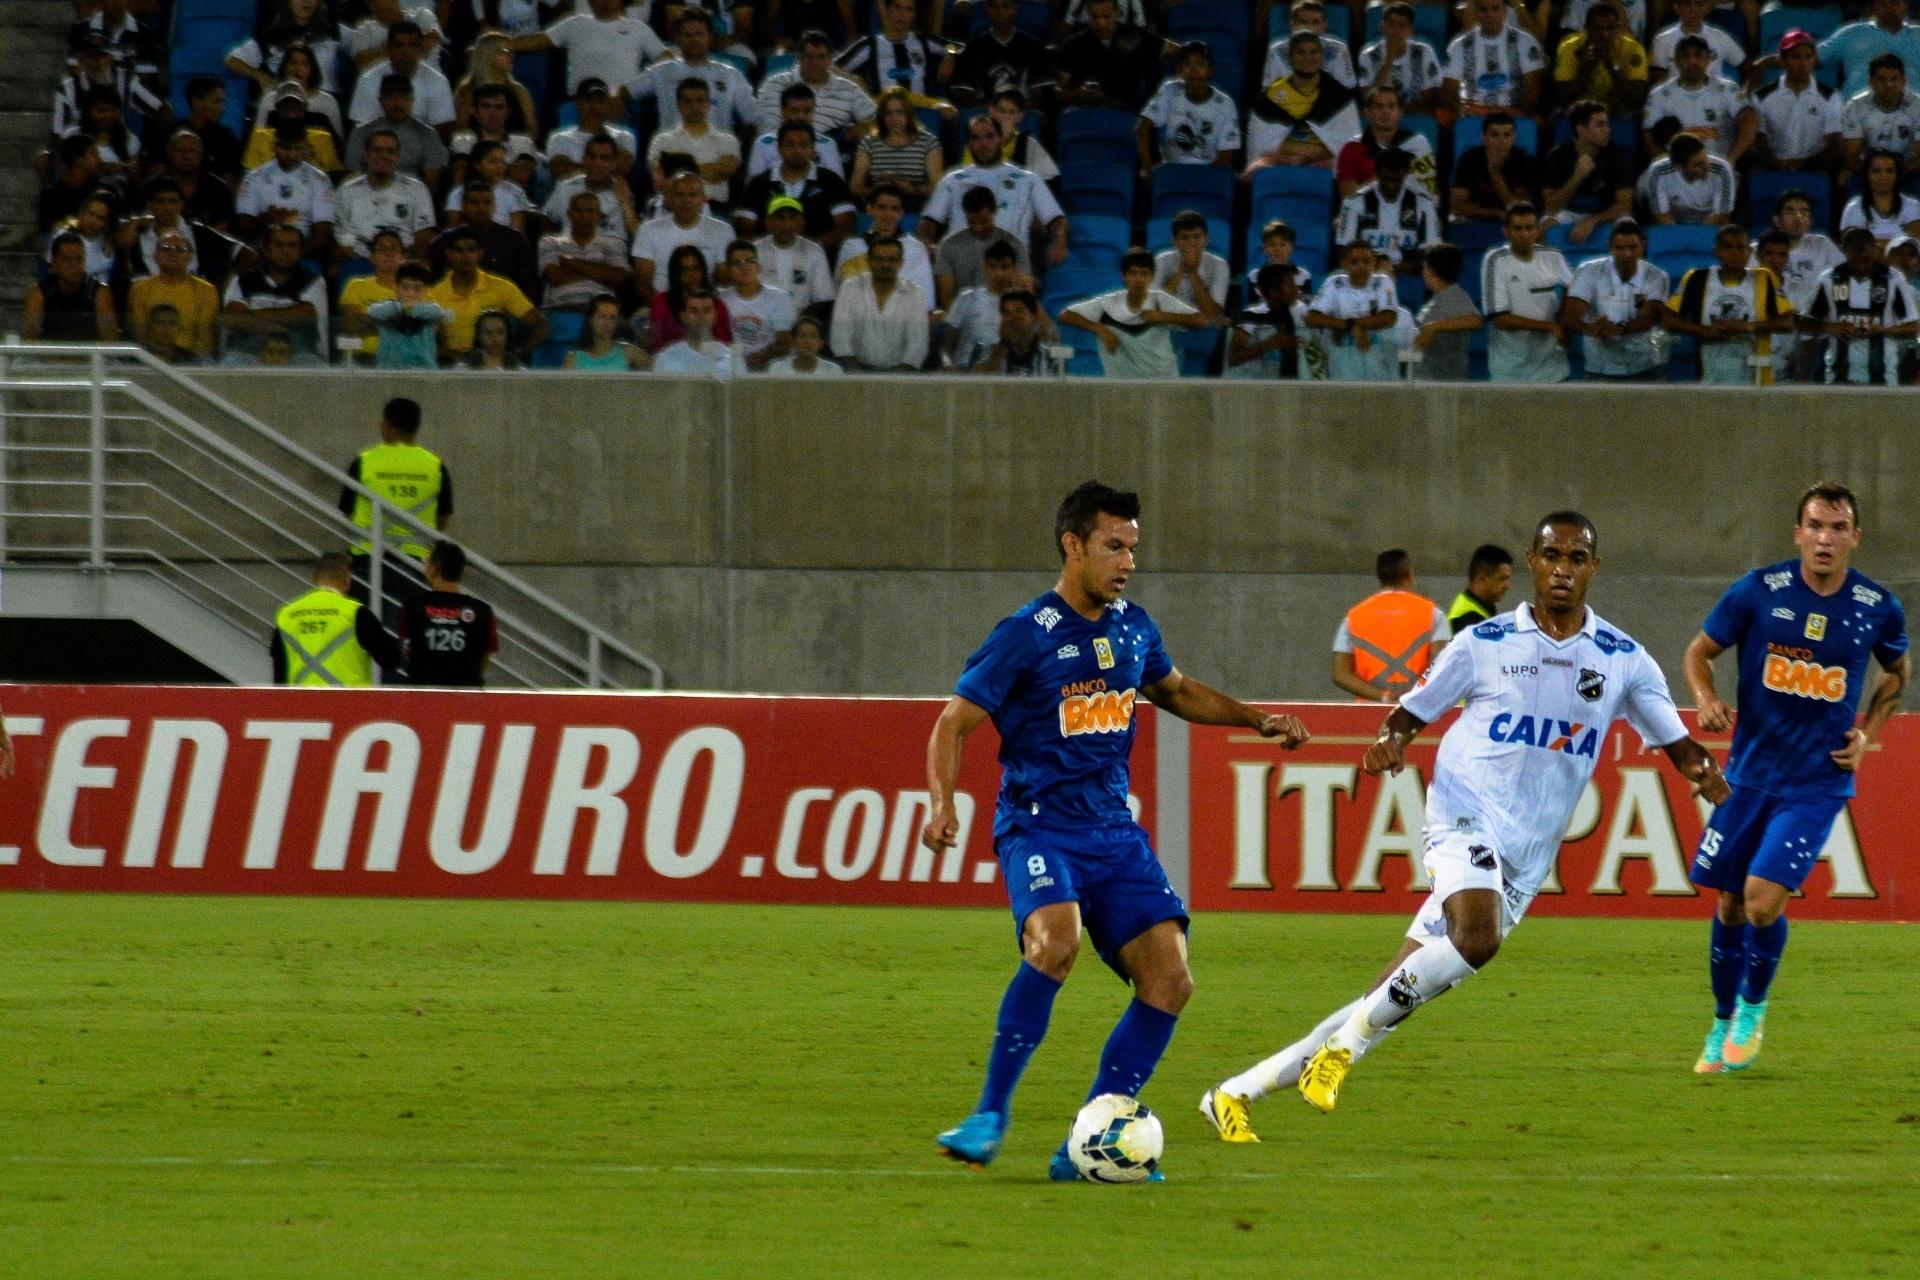 1ecc1ecbae7ce Jogadores do Cruzeiro pedem paciência com time ainda em formação -  08 02 2015 - UOL Esporte